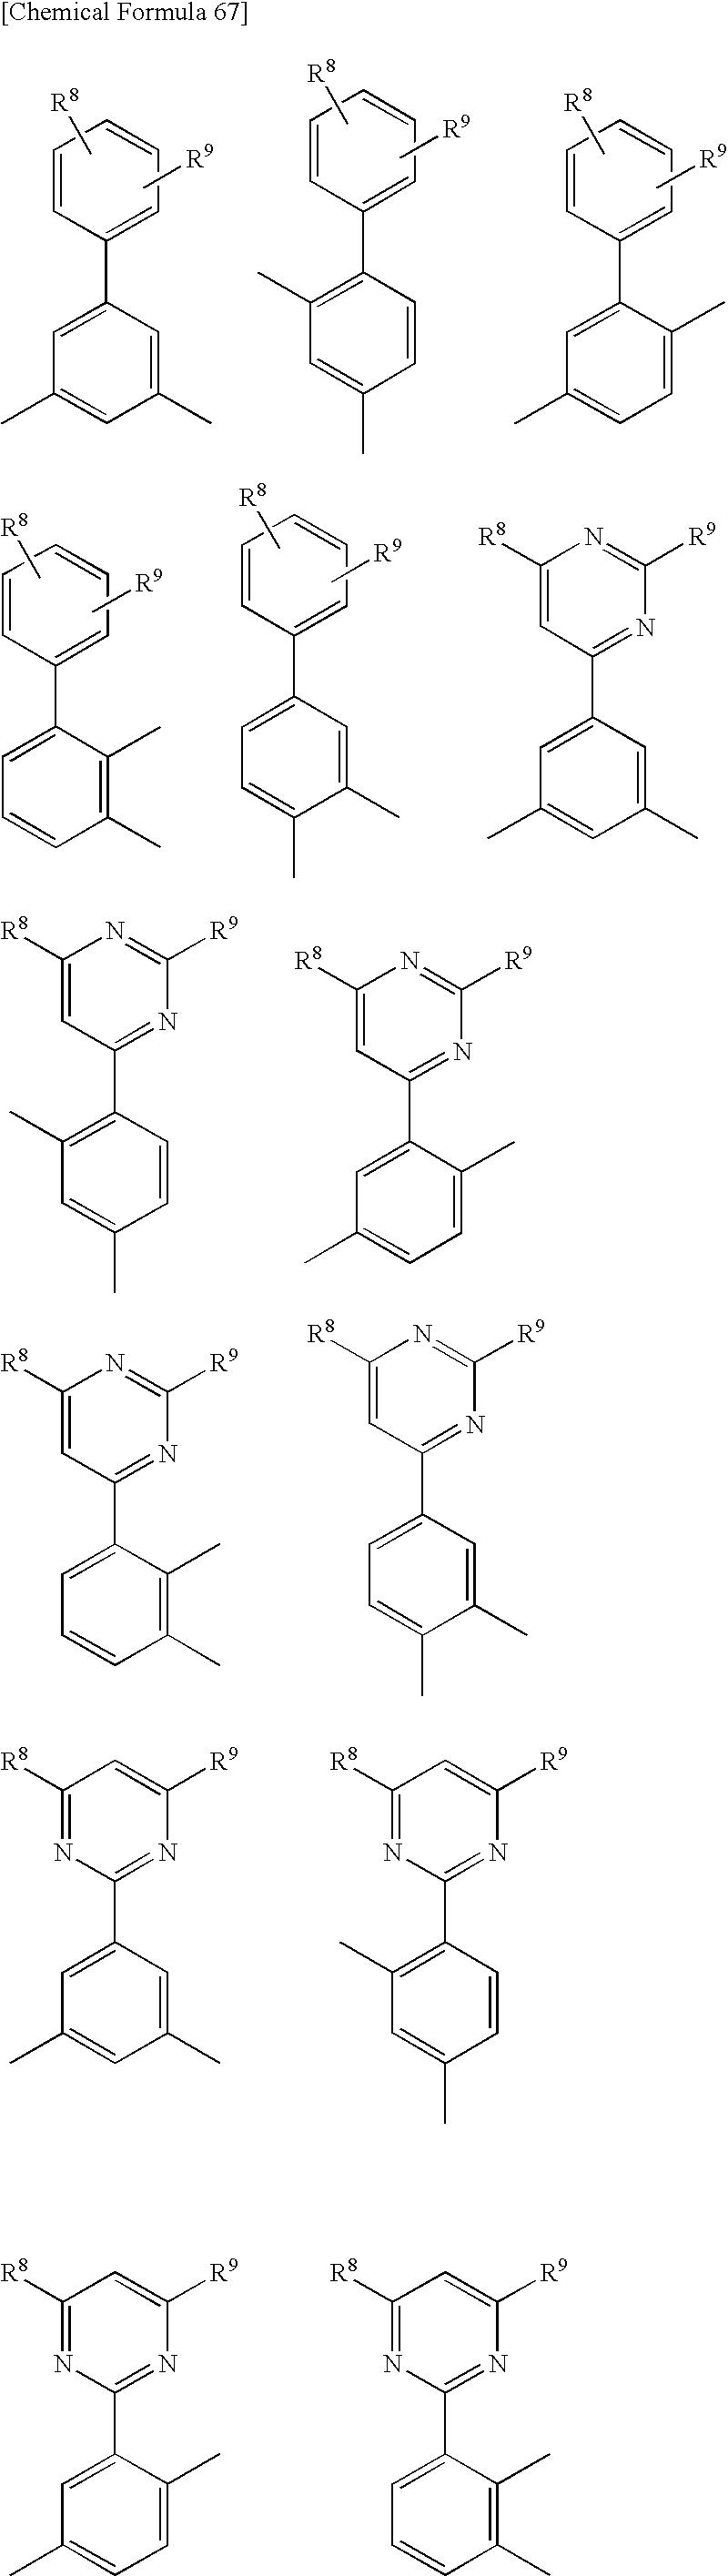 Figure US20100171109A1-20100708-C00112